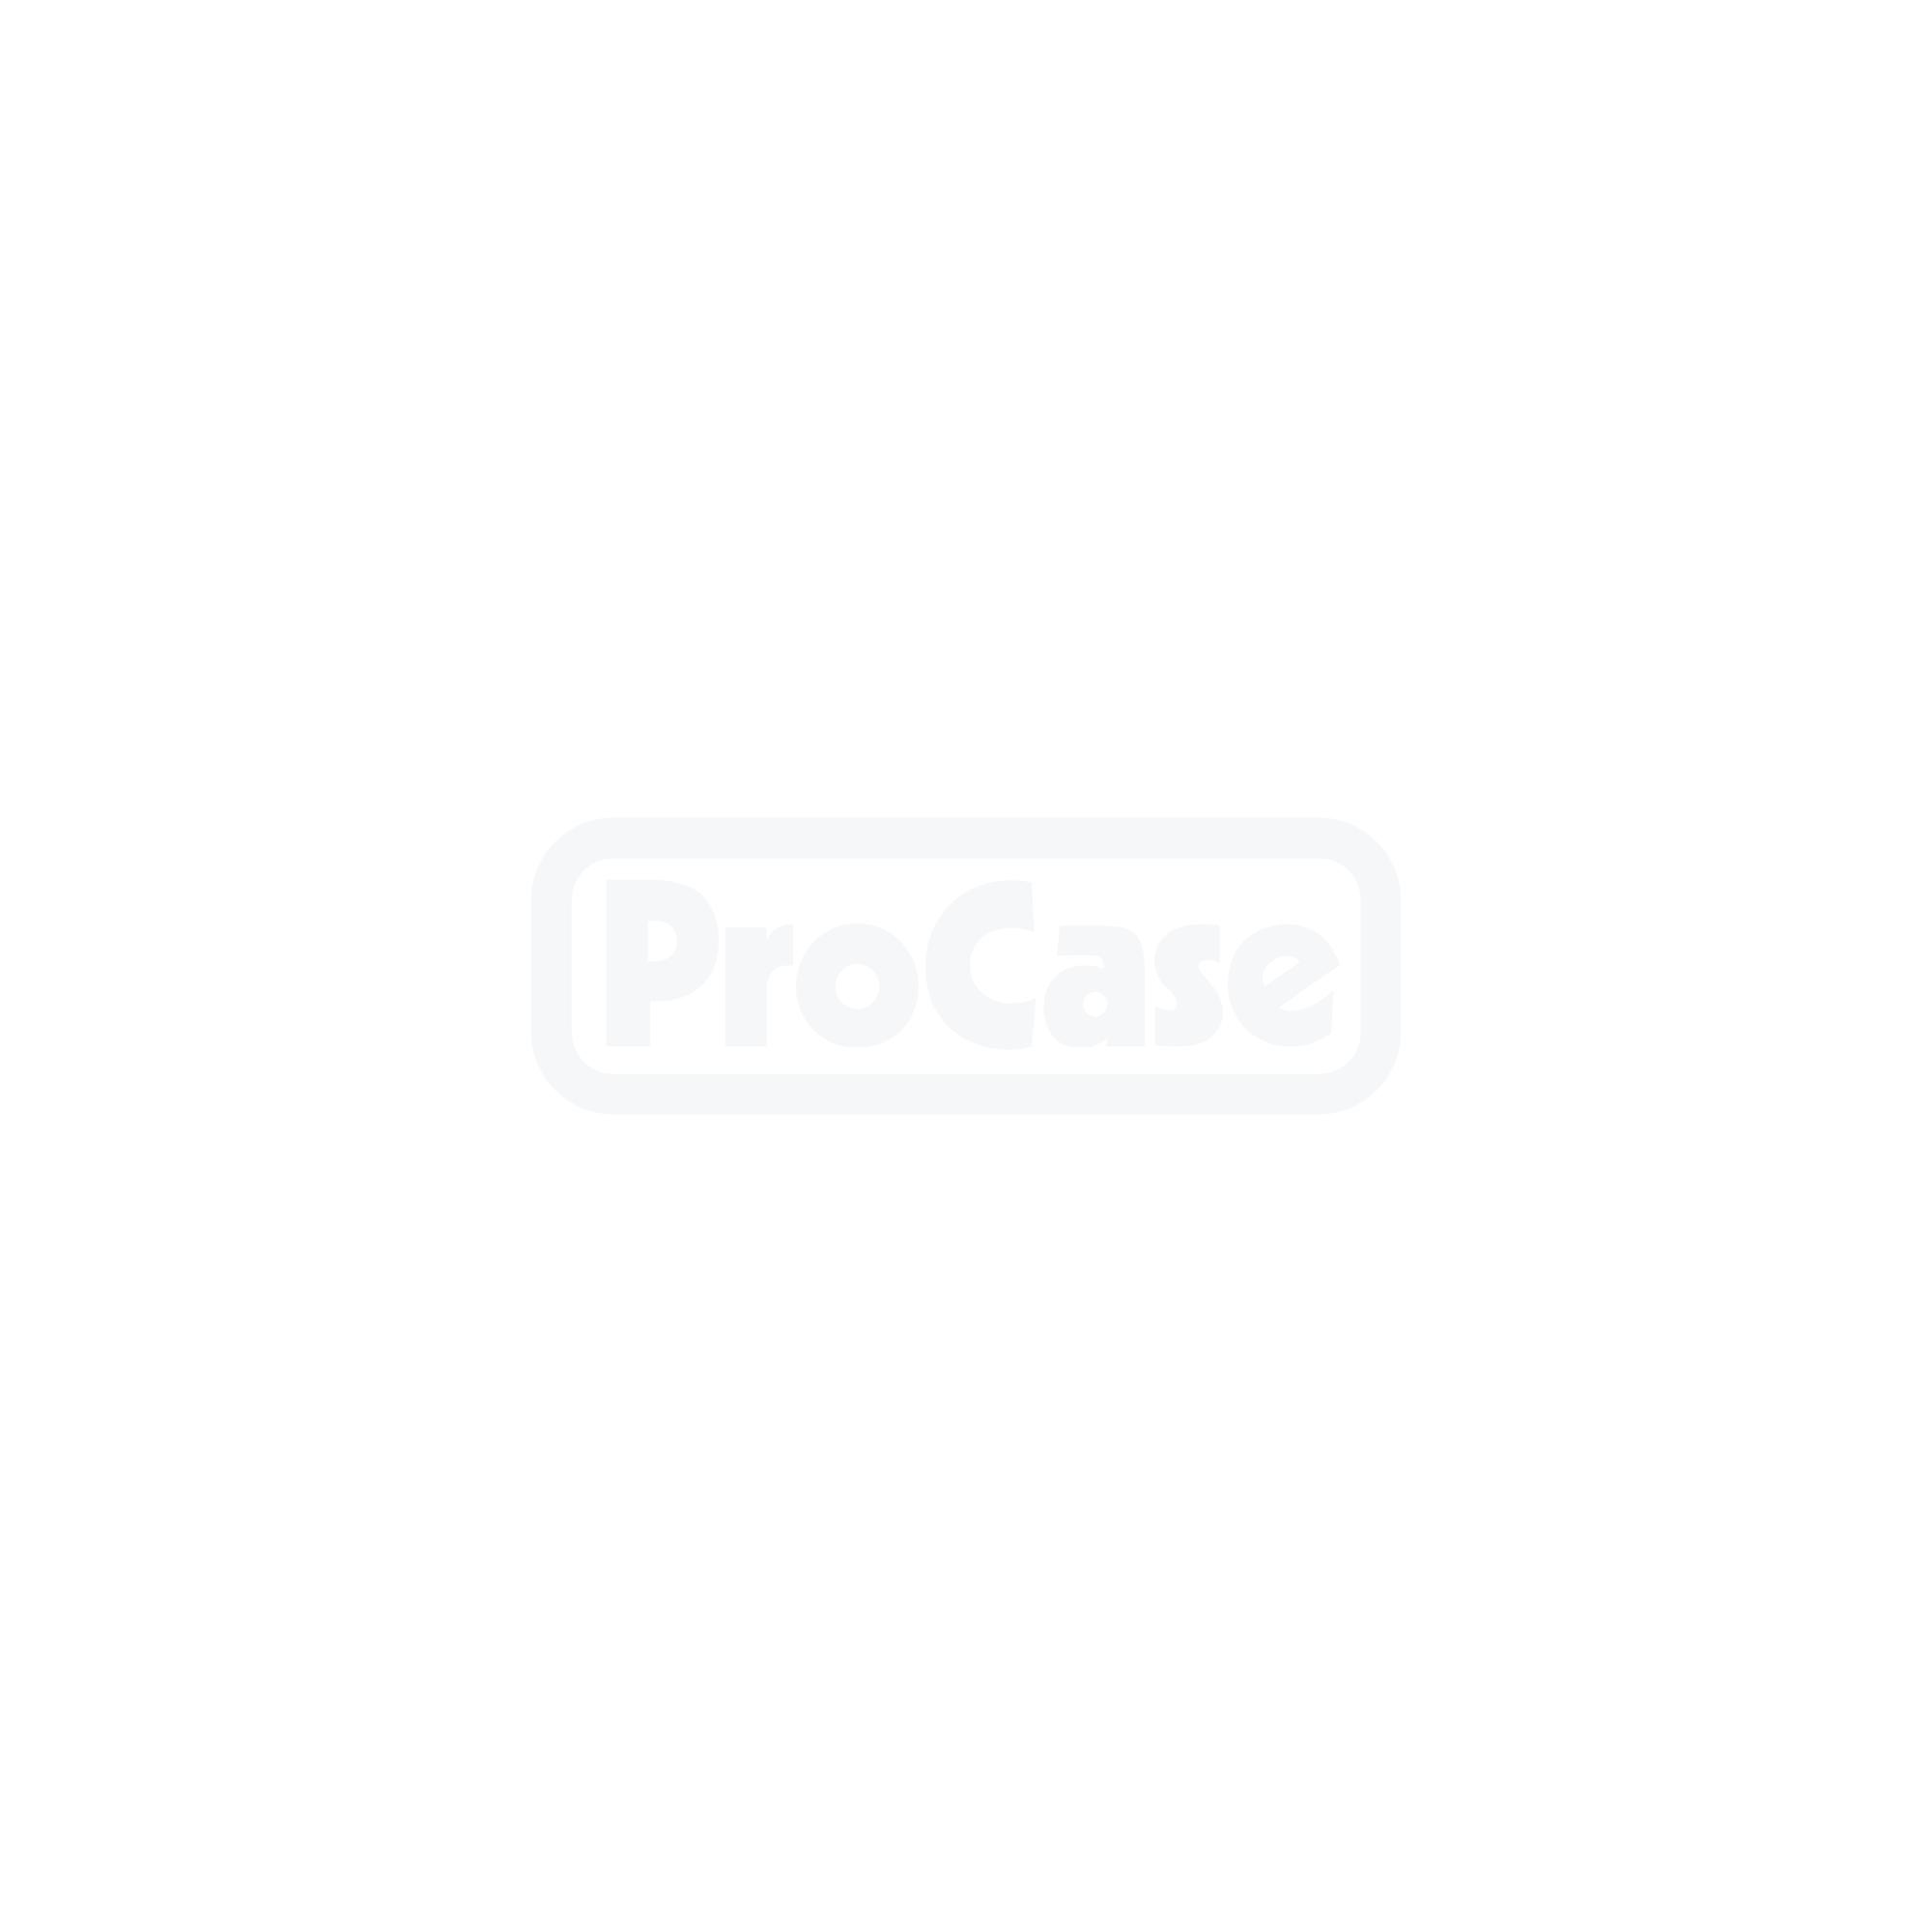 QSD-Rack 20HE 800 mm tief 3